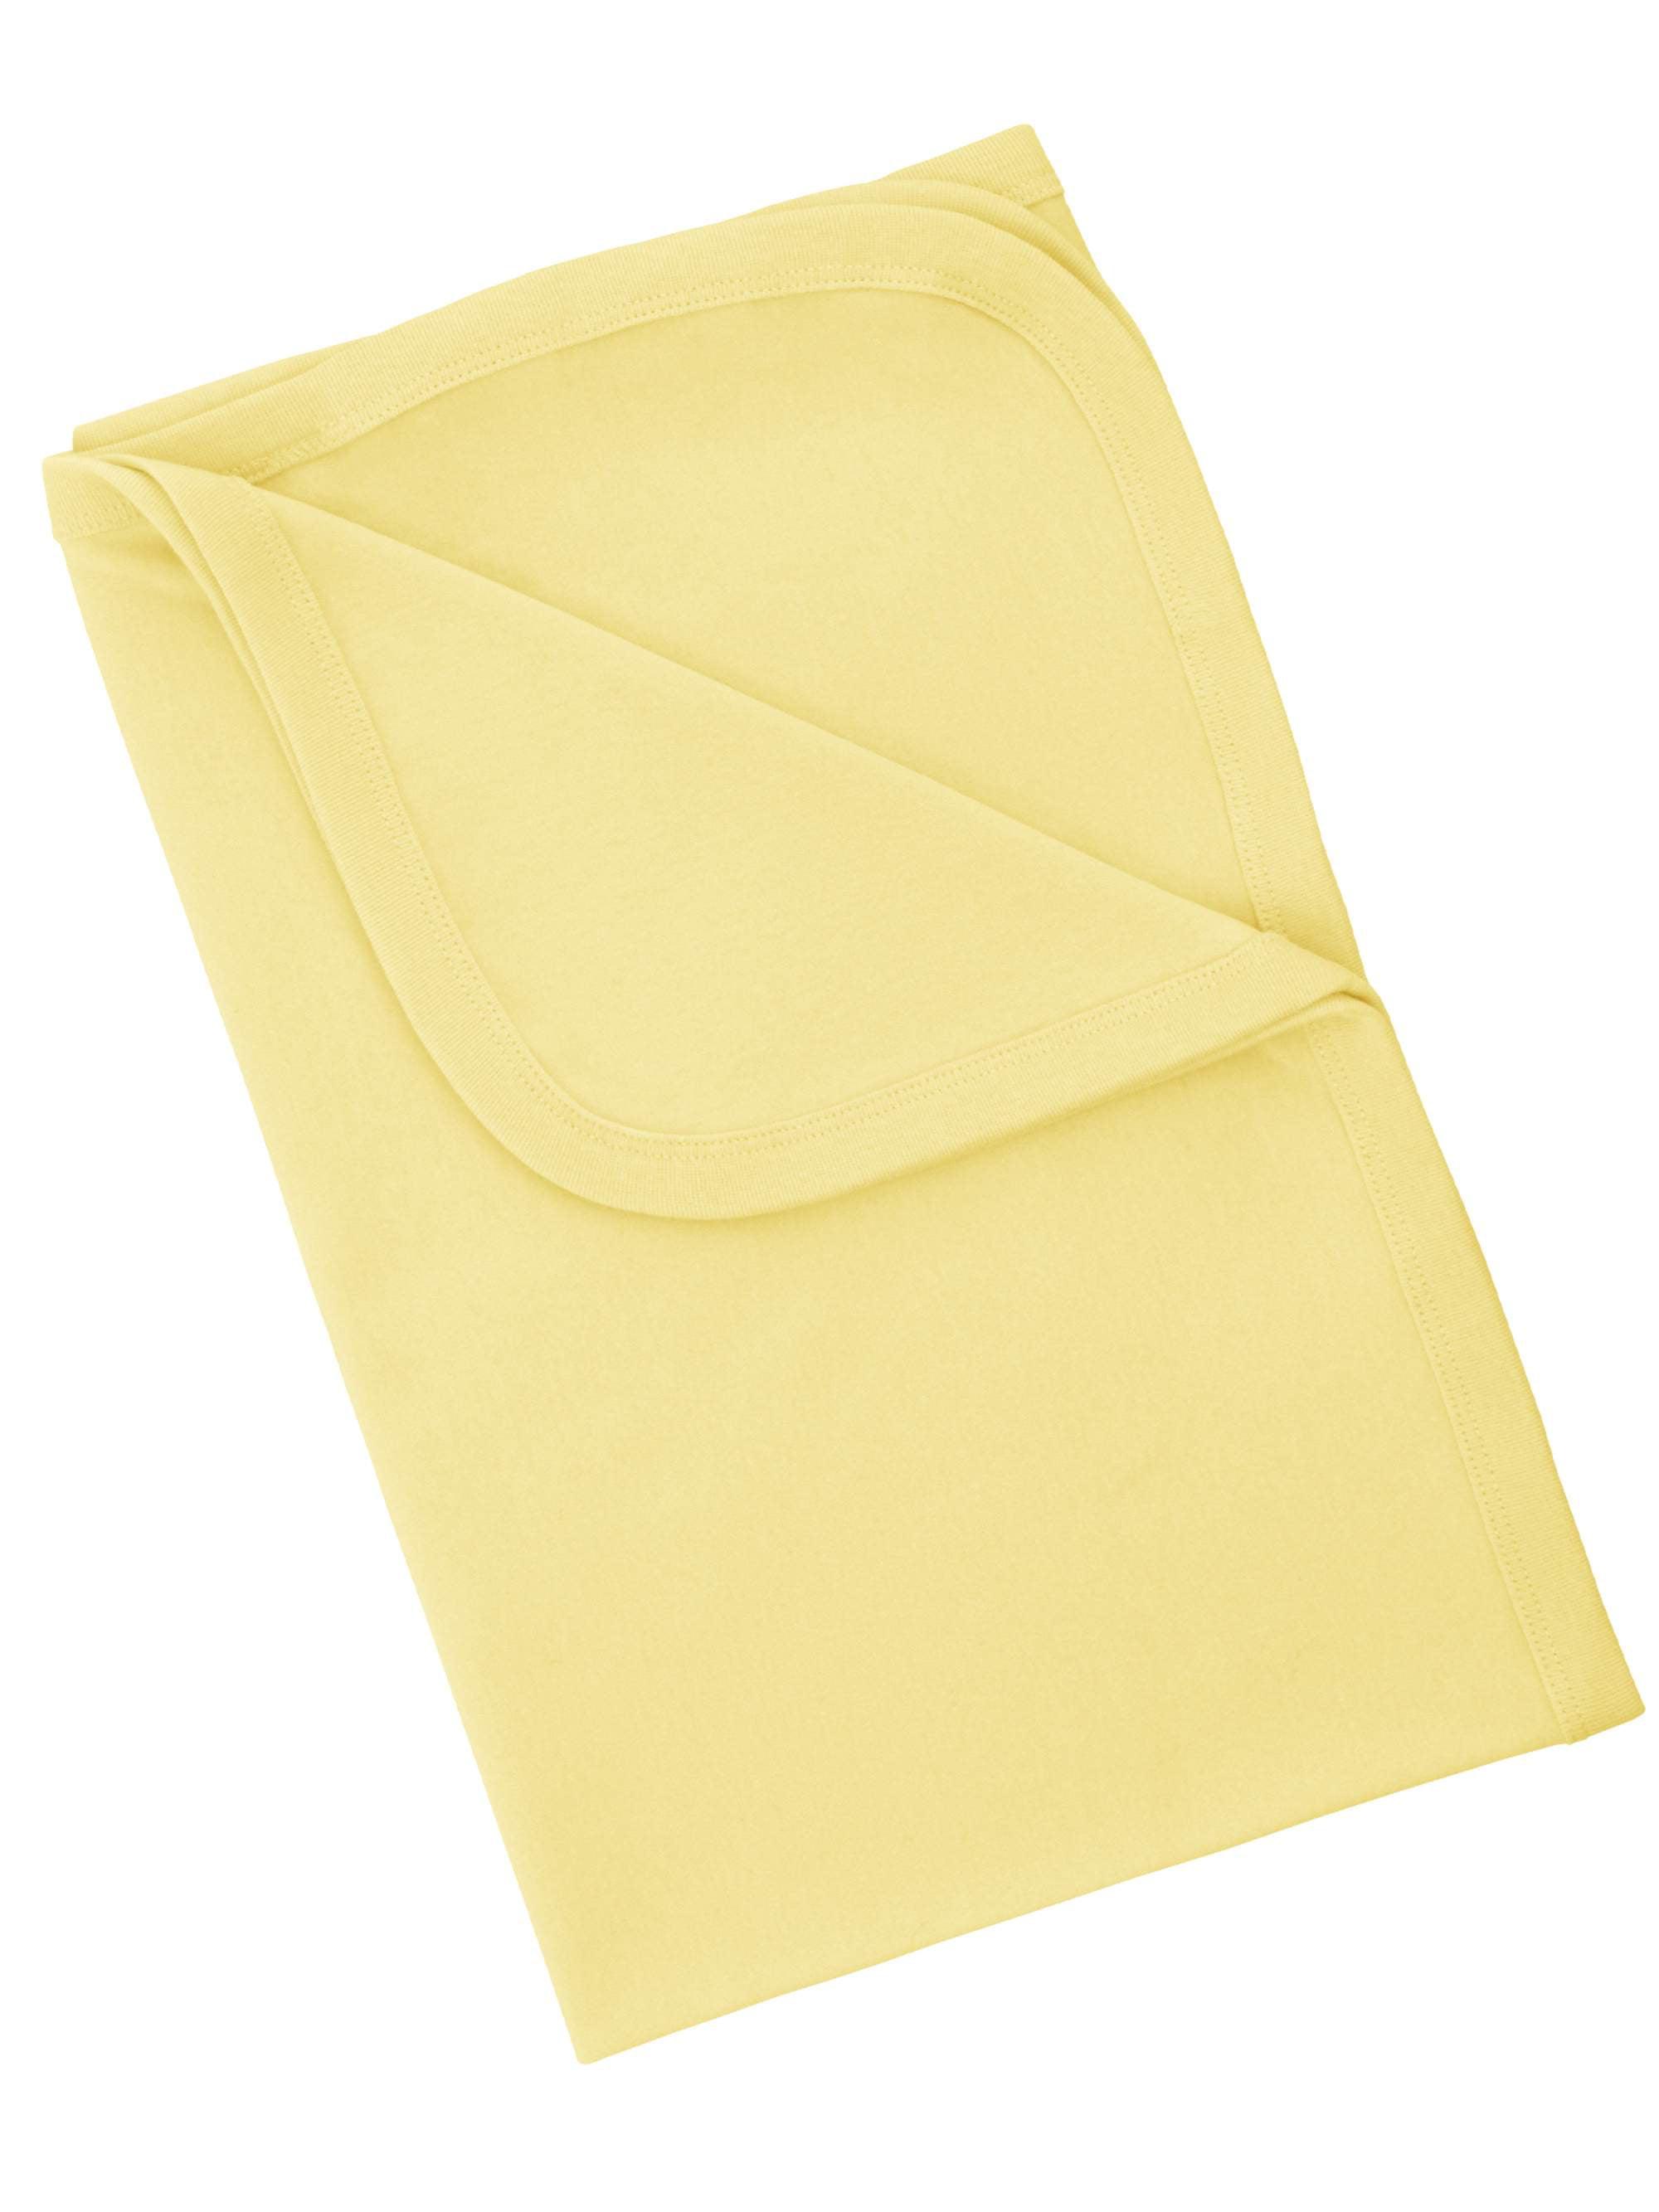 KidzStuff Insect Repellent Baby Blanket (Unisex)